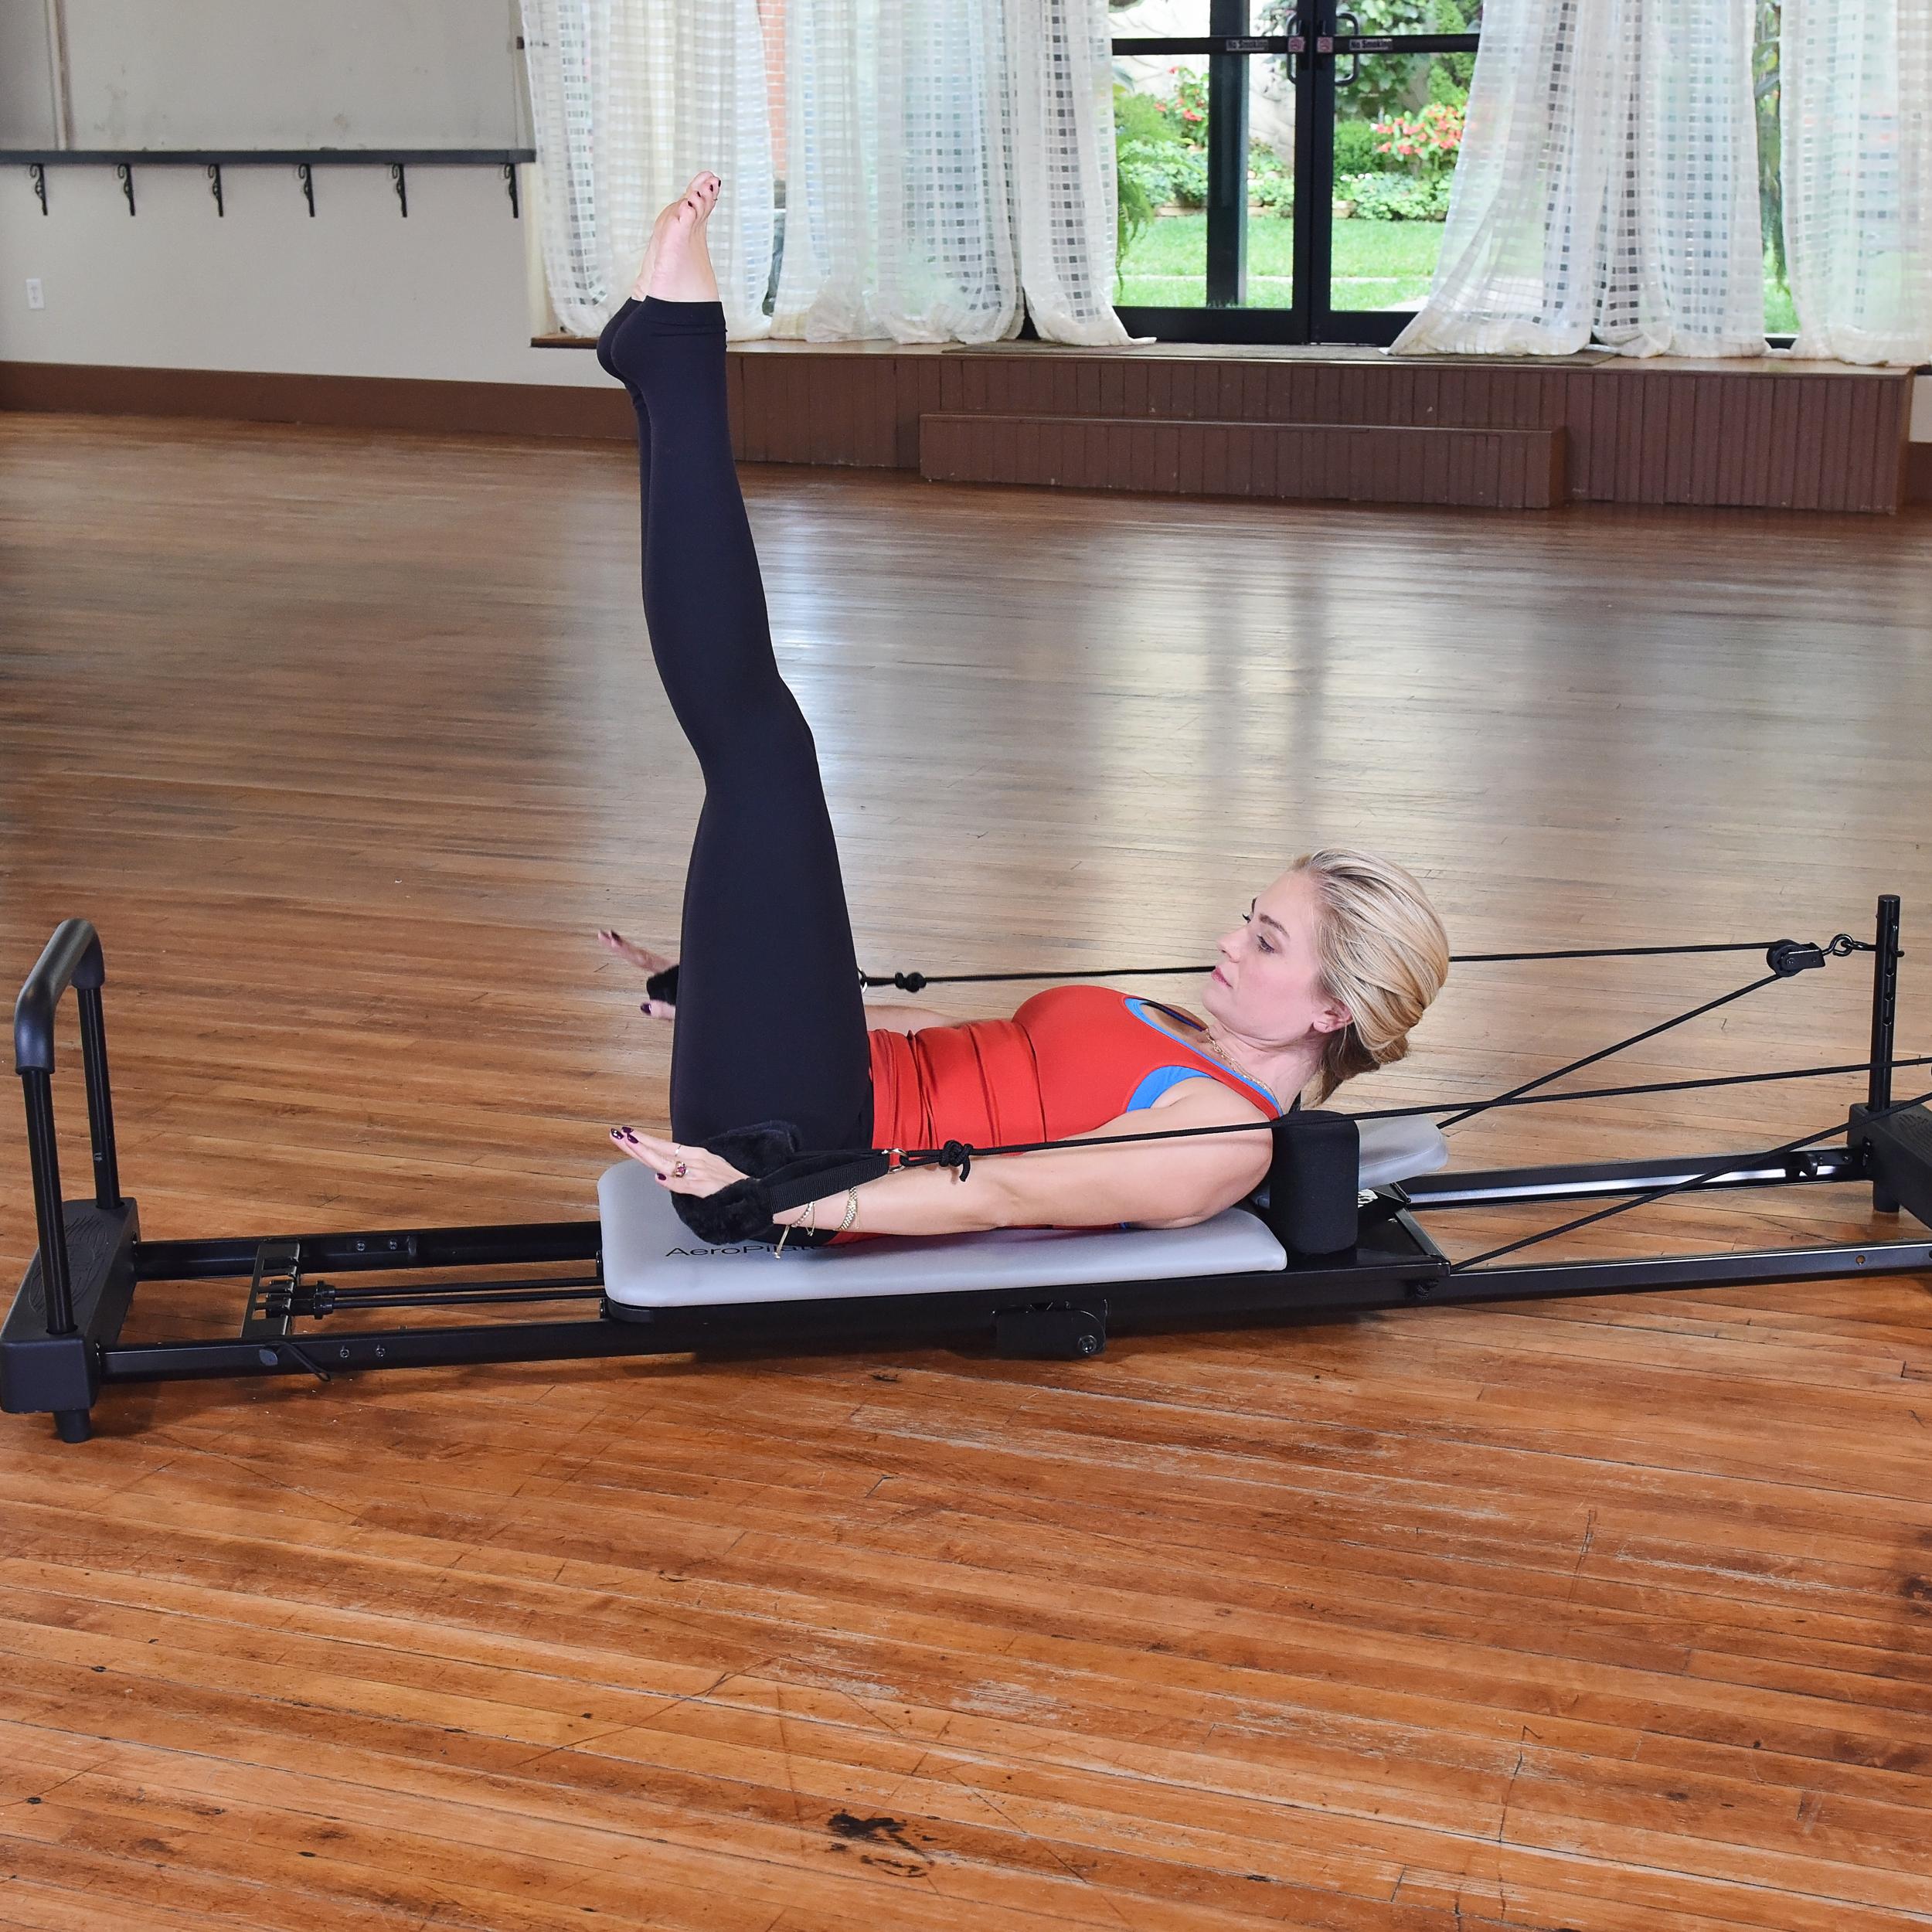 Woman performing on Aeropilates workout bundle.